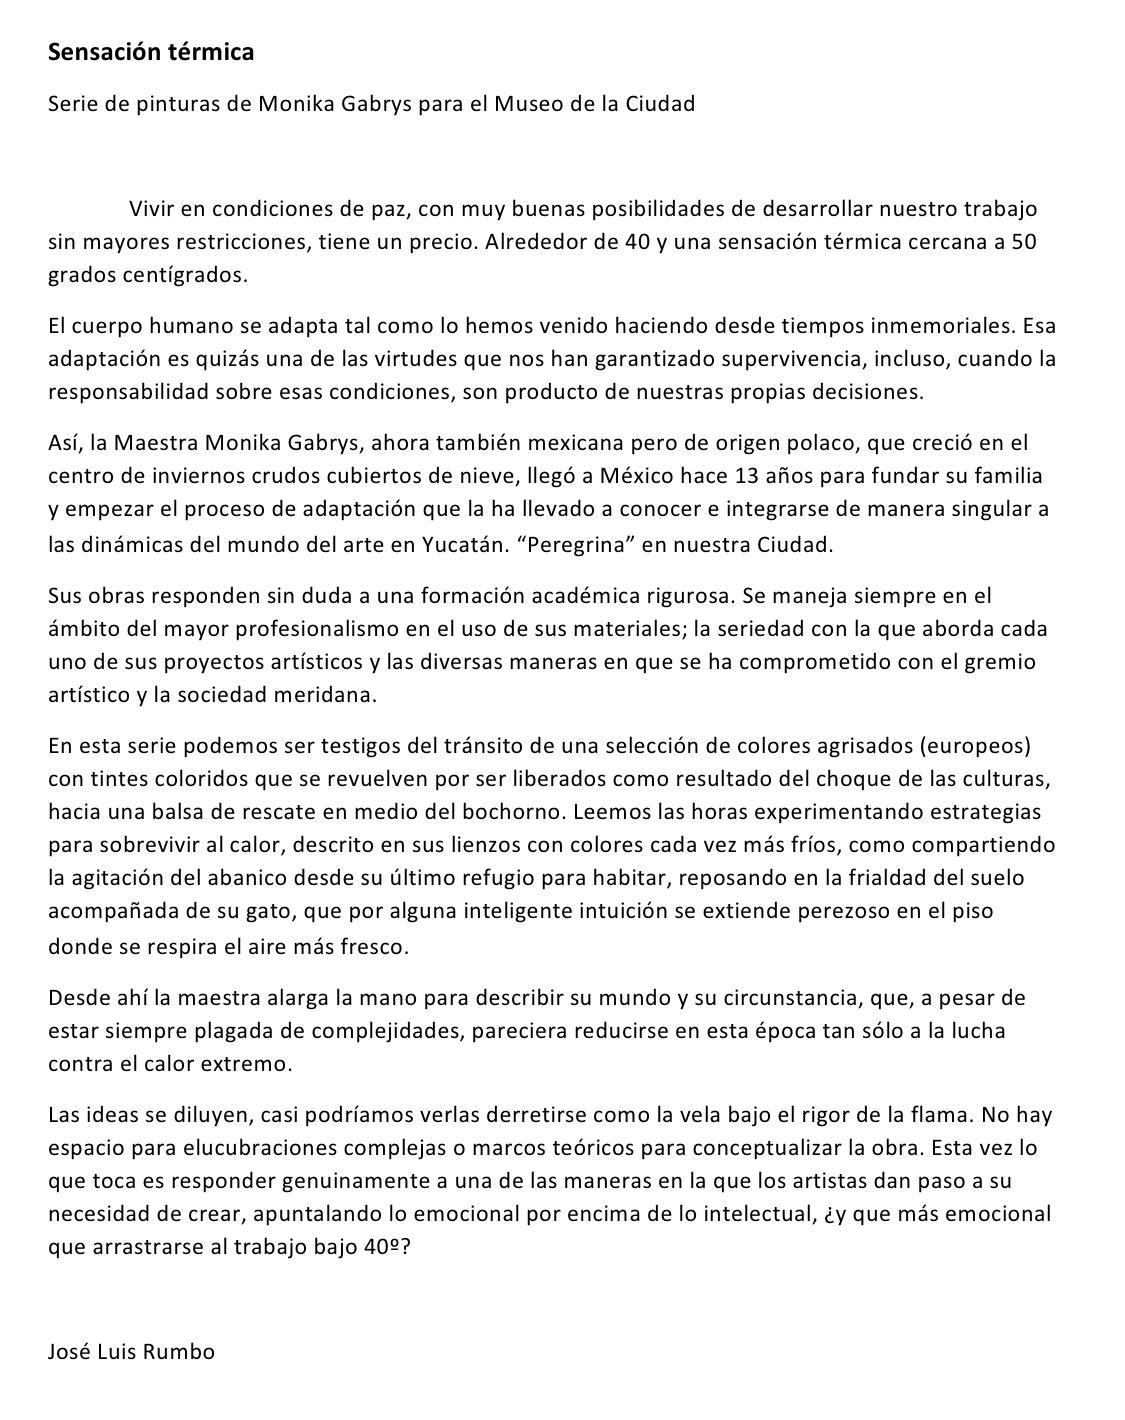 Texto de sala de la exposición del junio 2017 en Museo de la Ciudad de Mérida